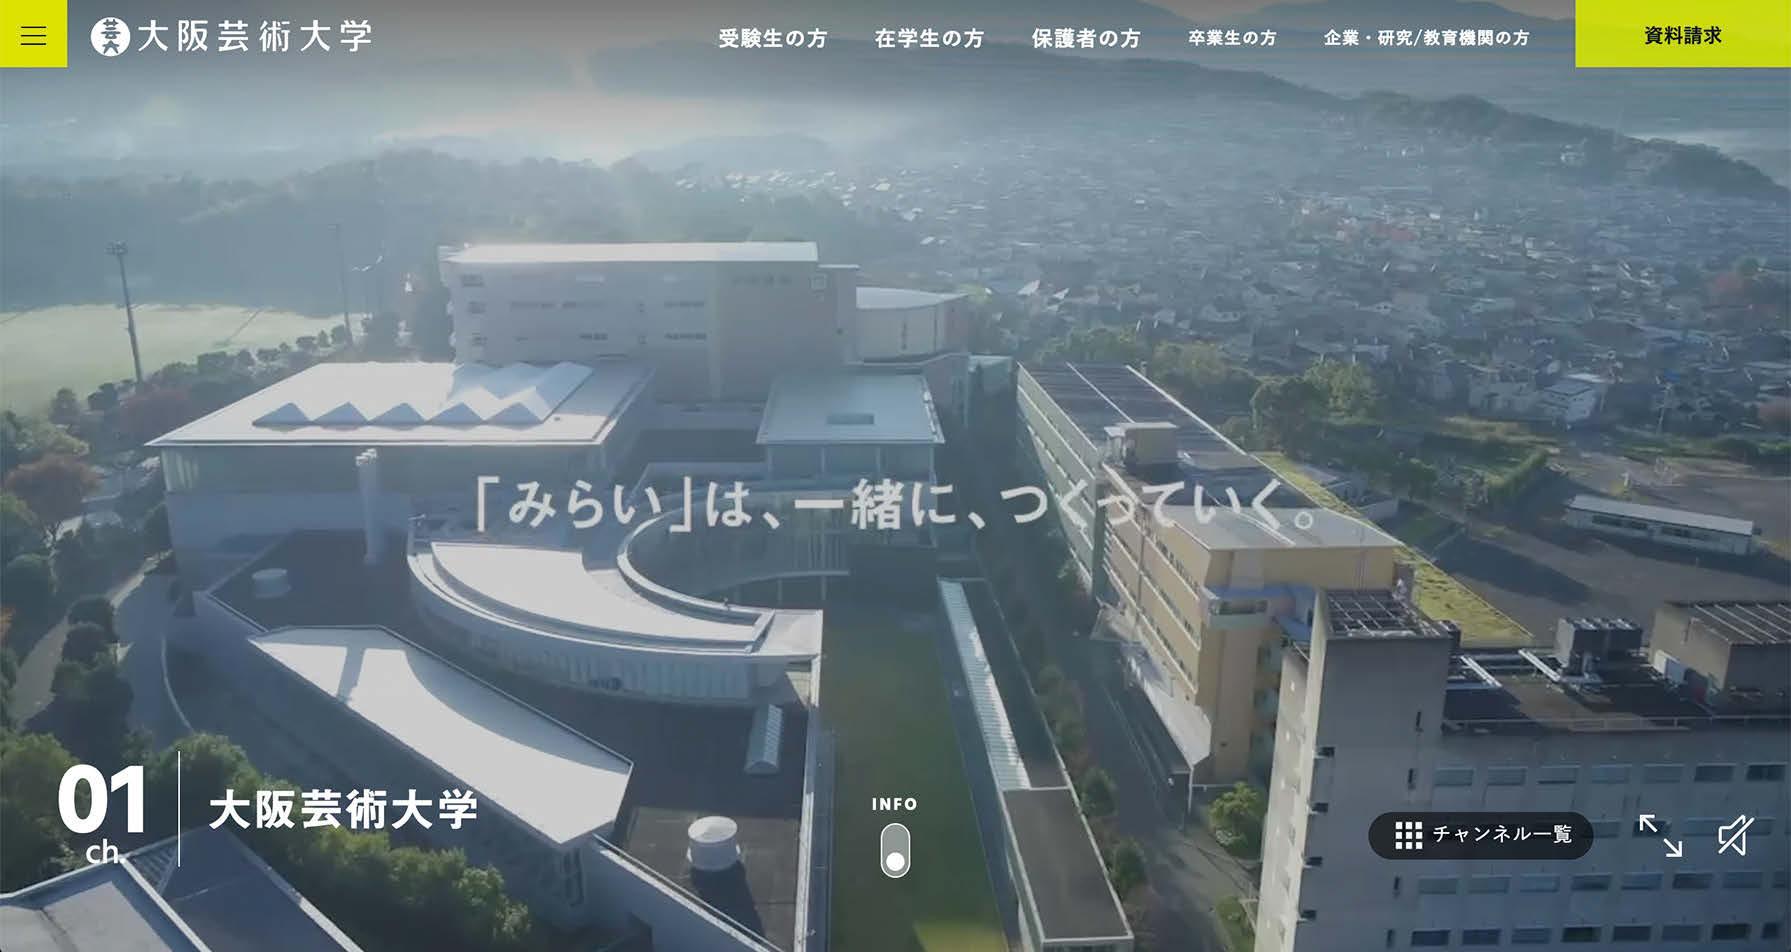 大学 大阪 芸術